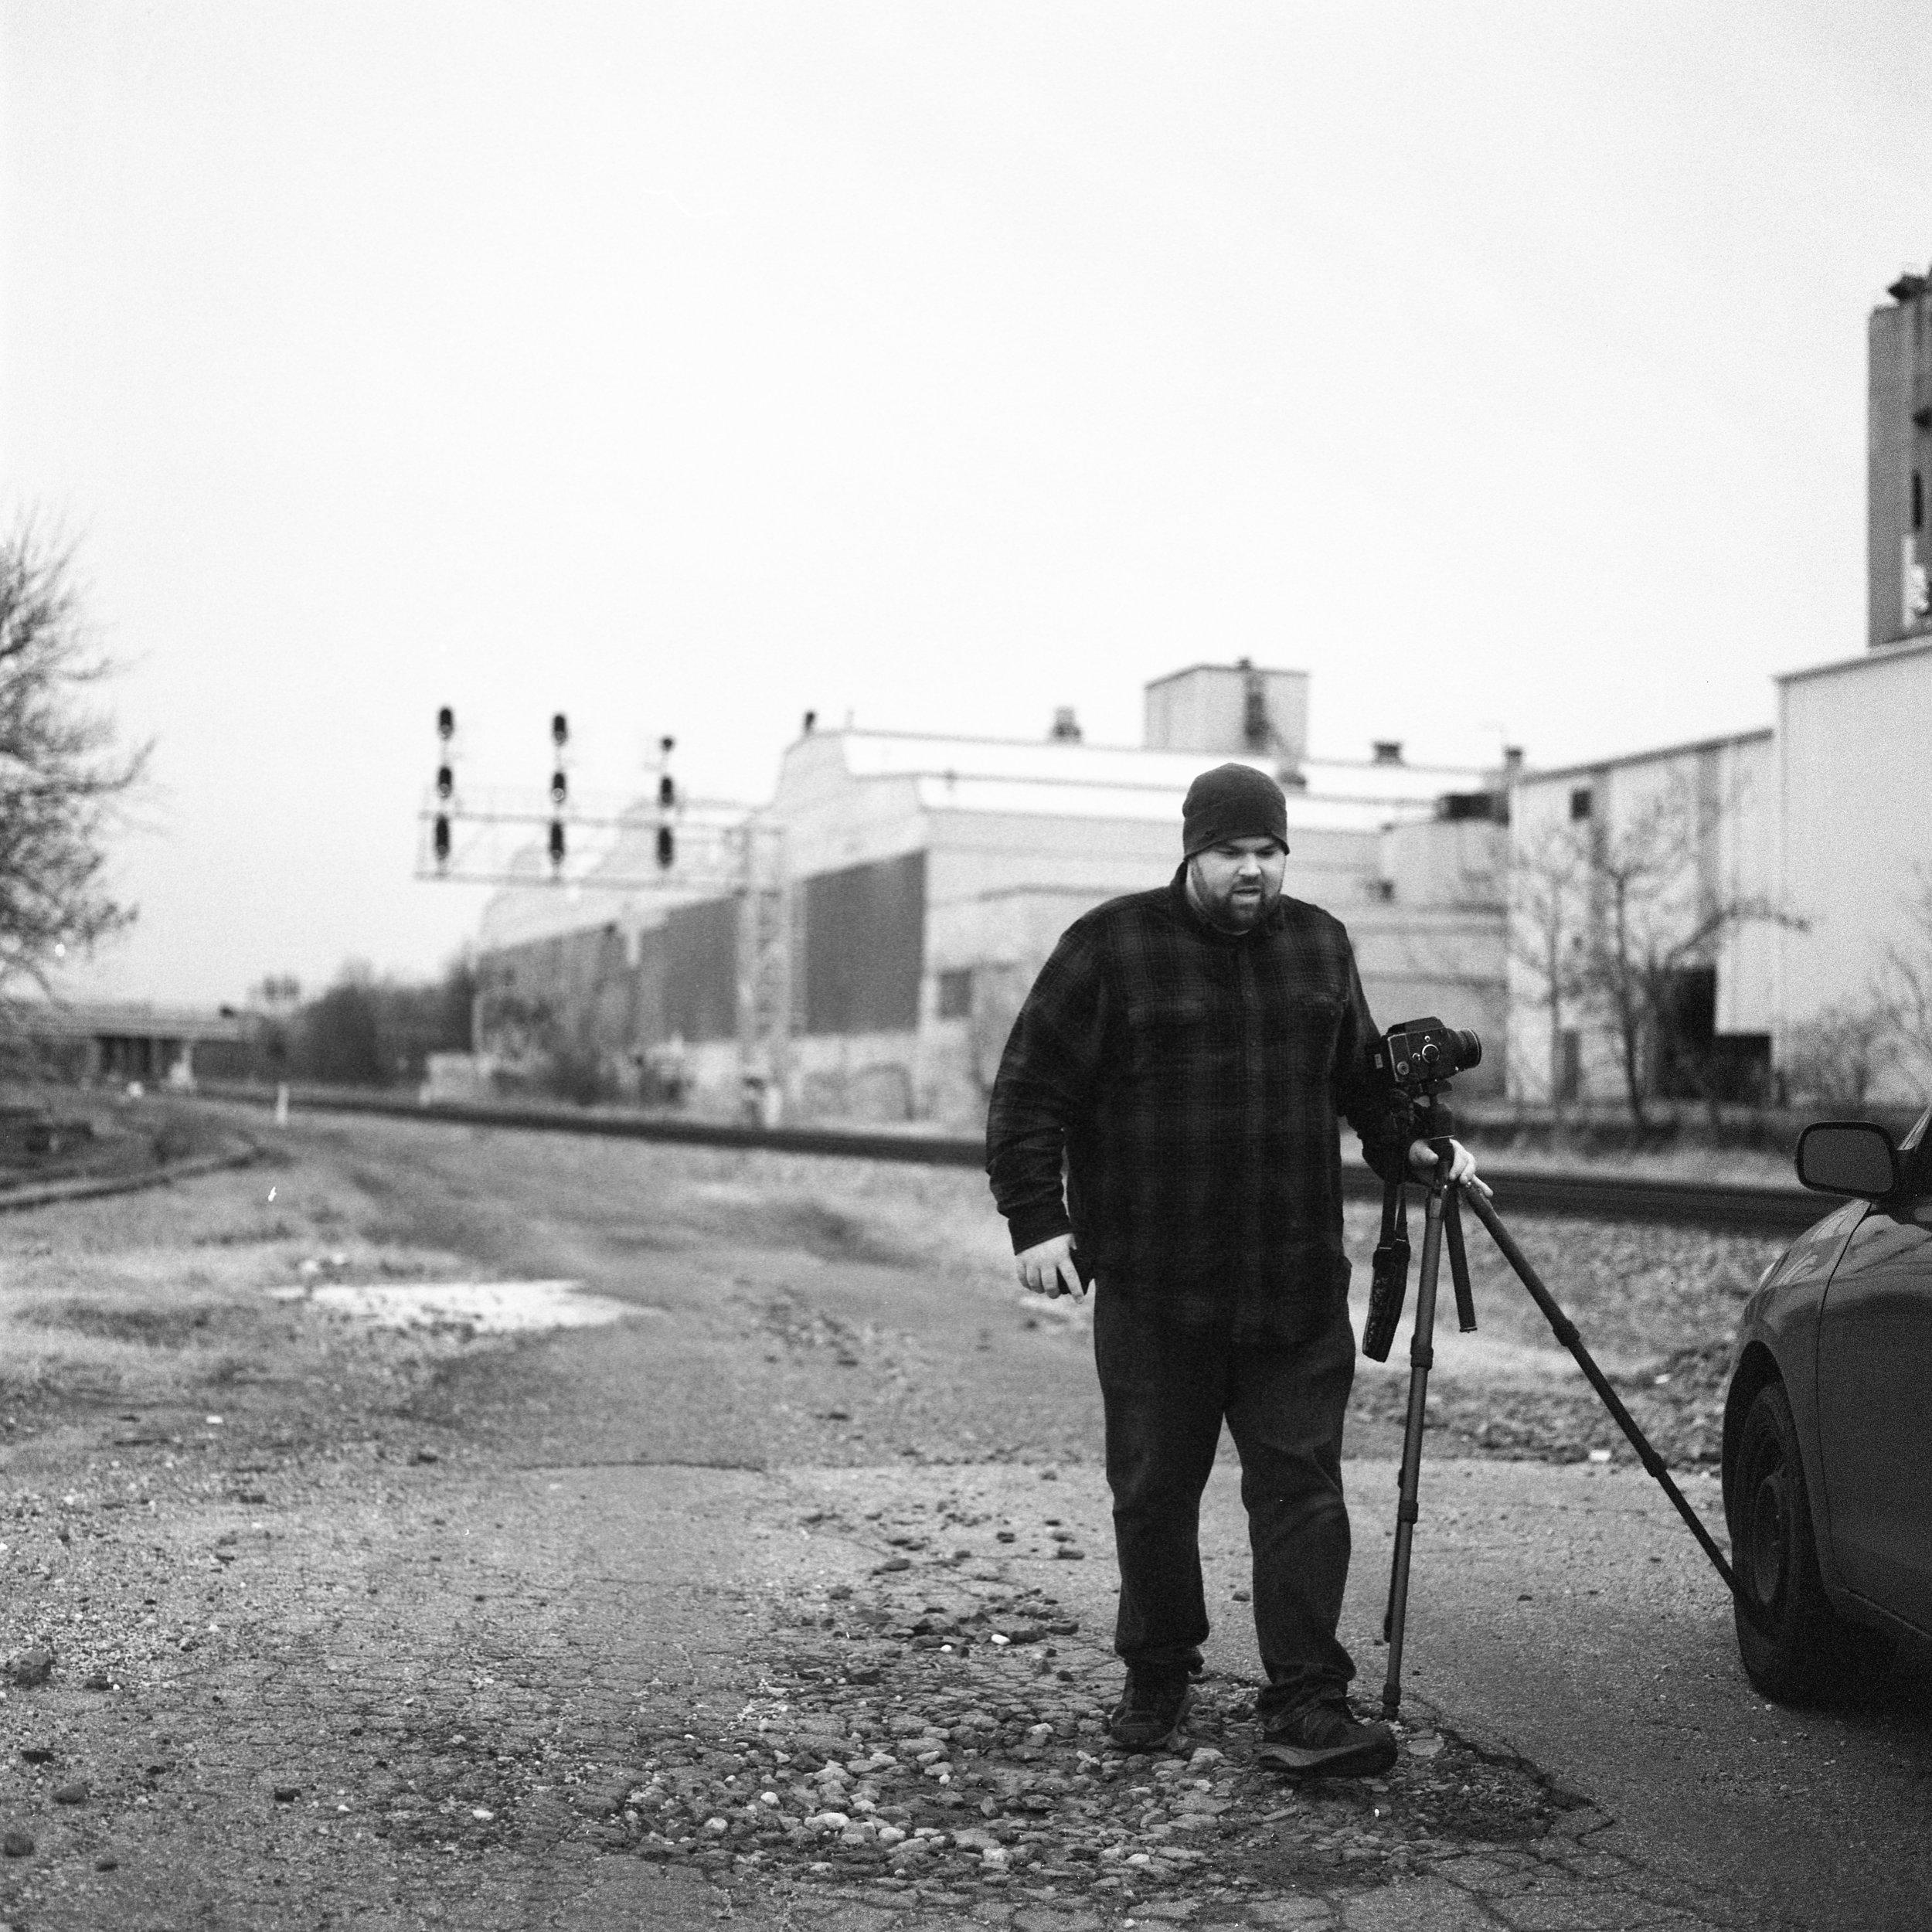 Bruce in Carroll Camden Industrial